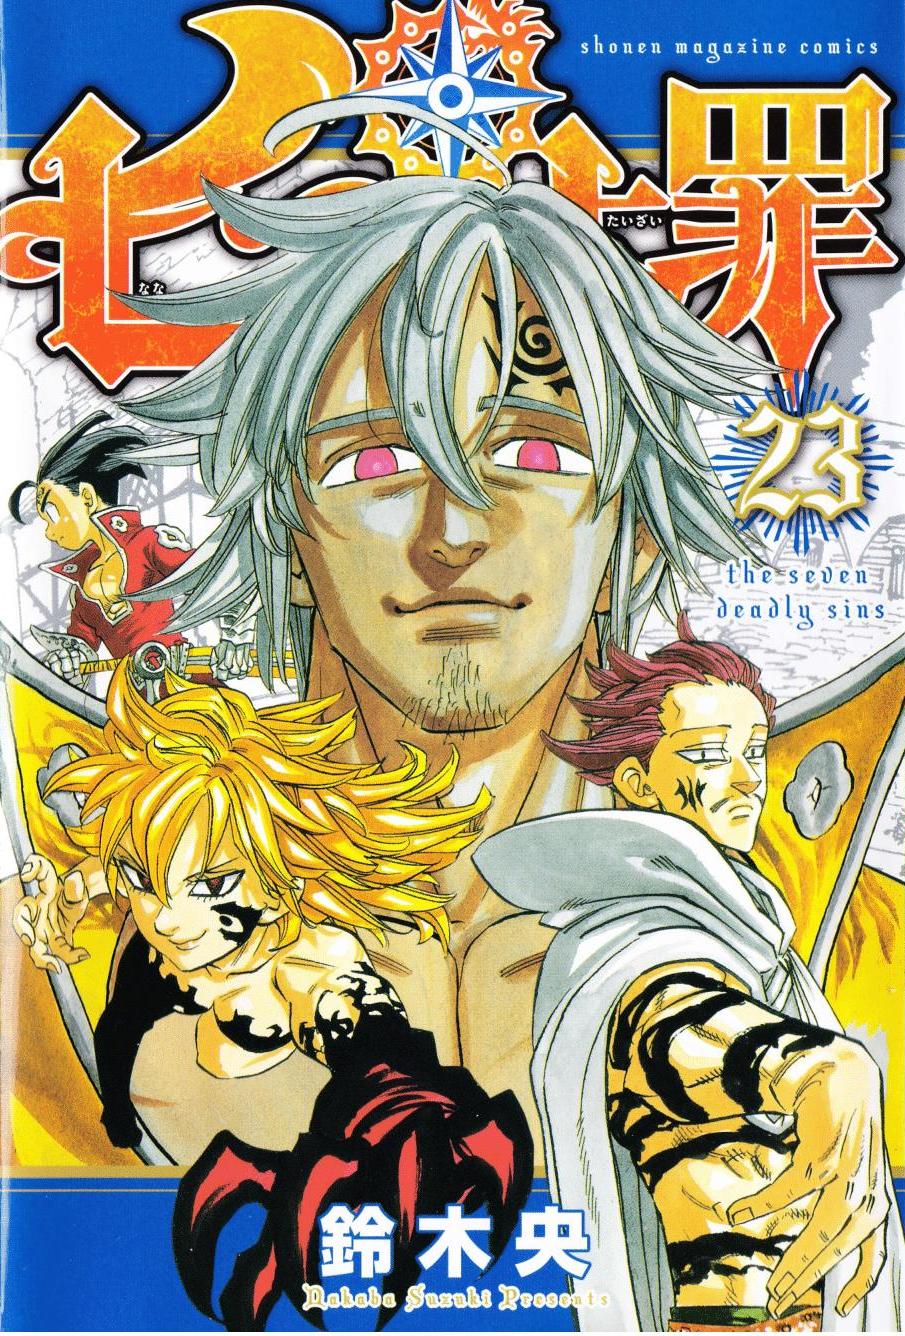 Volume 23 nanatsu no taizai wiki fandom powered by wikia - Nanatsu no taizai wiki ...